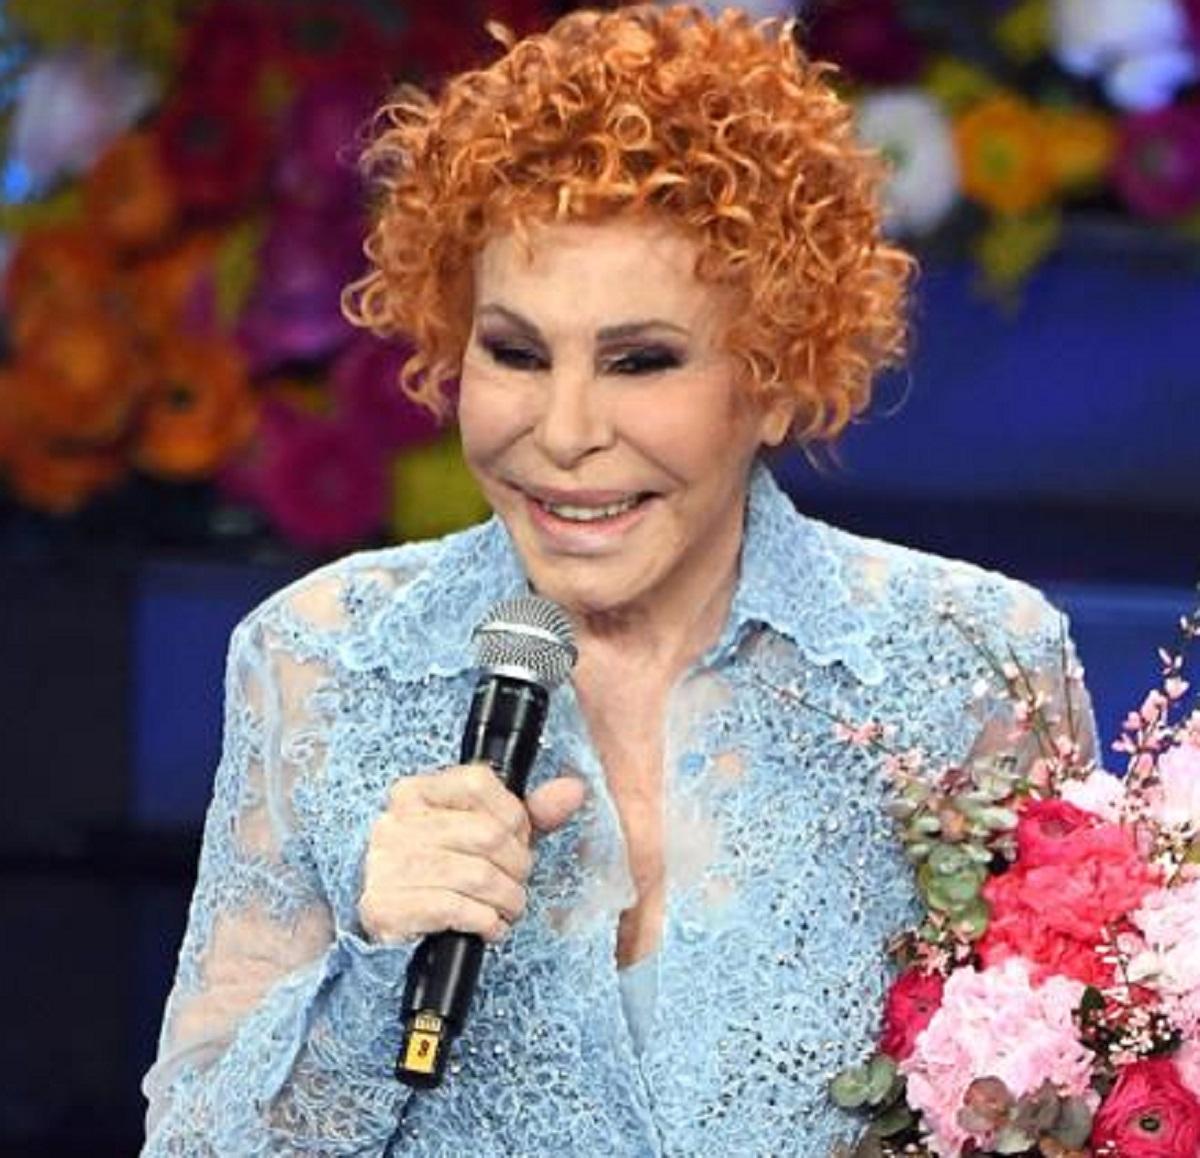 Ornella Vanoni confessione soldi intervista docufilm